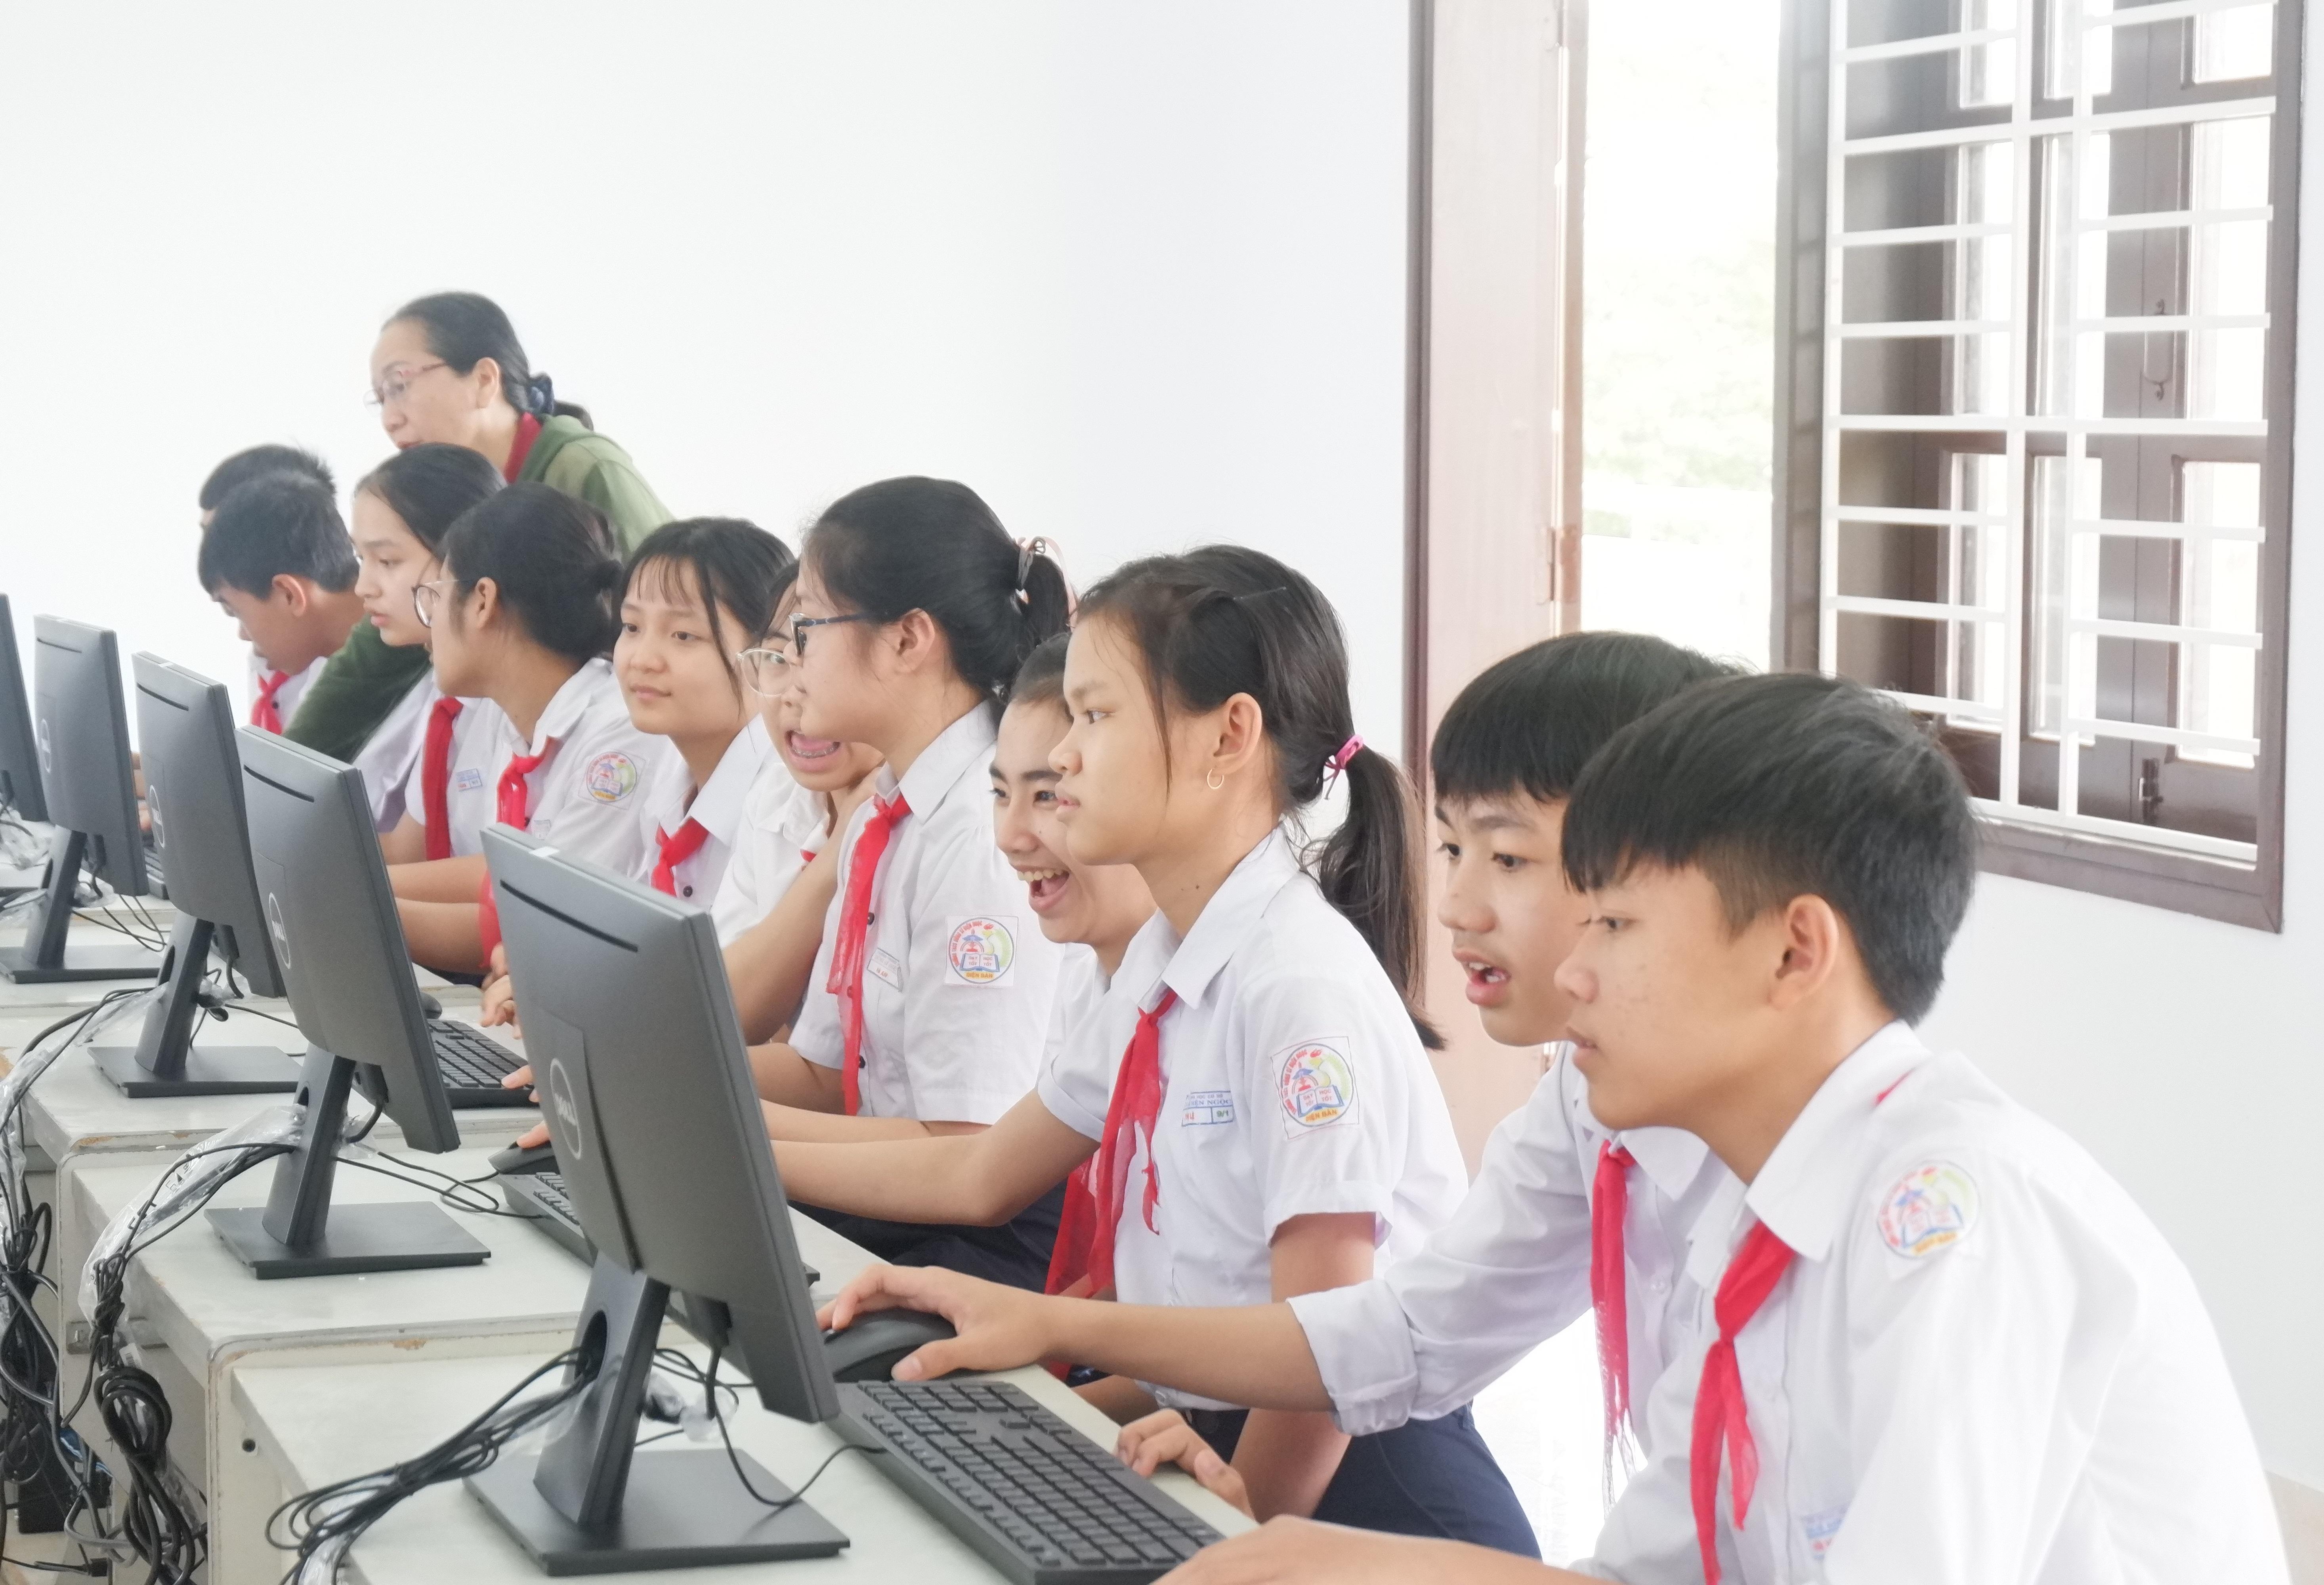 Niềm vui của học sinh trường Dũng Sĩ Điện Ngọc khi sử dụng các máy vi tính mới do Lifestart Foundation tài trợ. Ảnh: Q.T